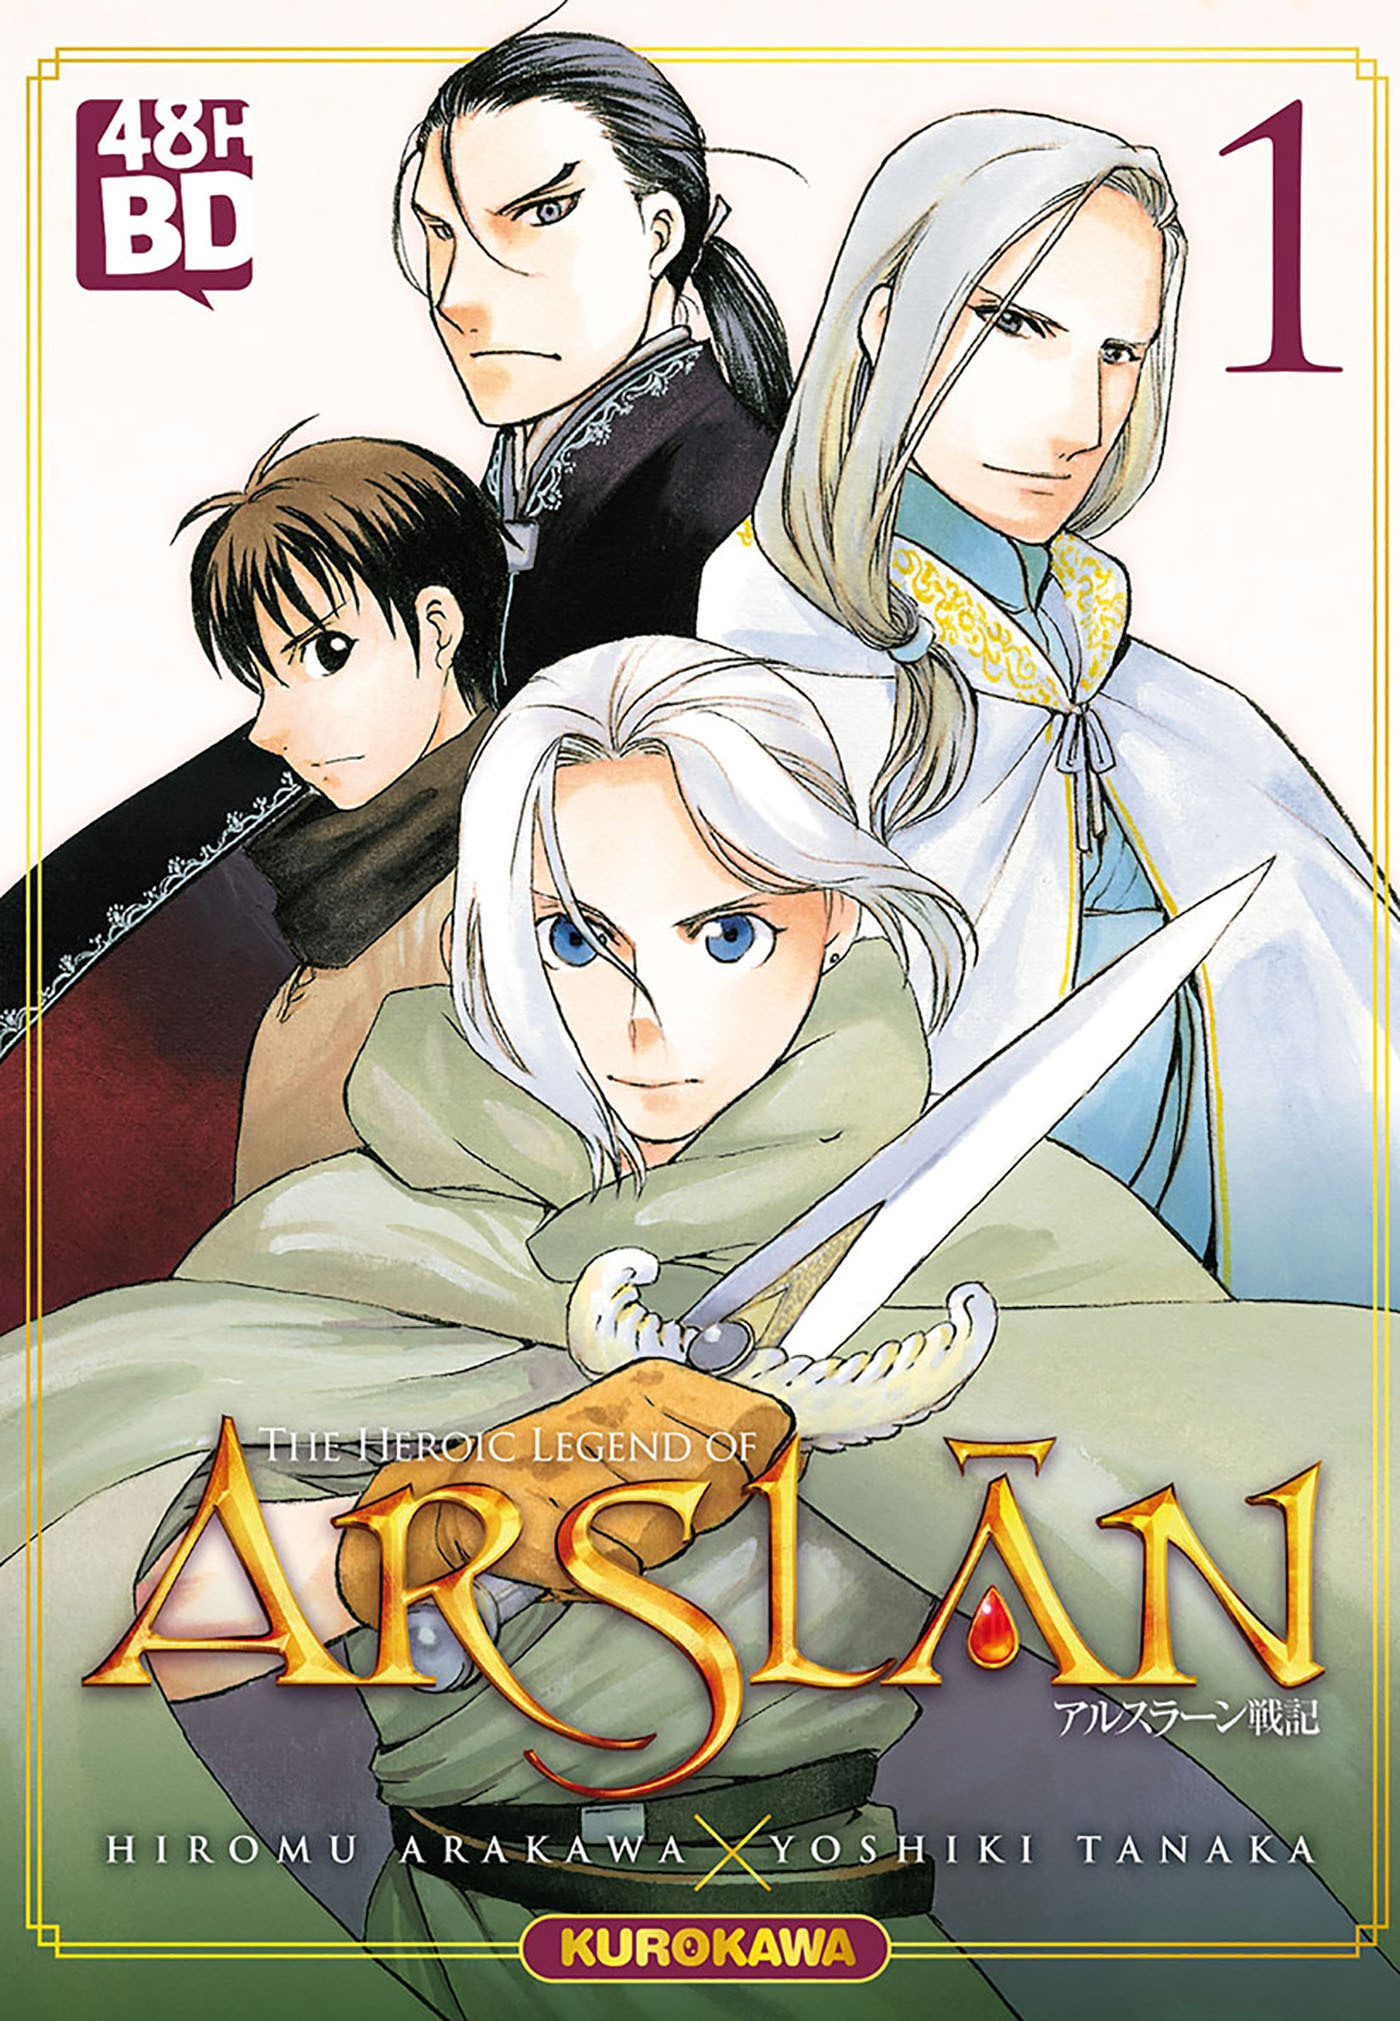 ARSLAN T01